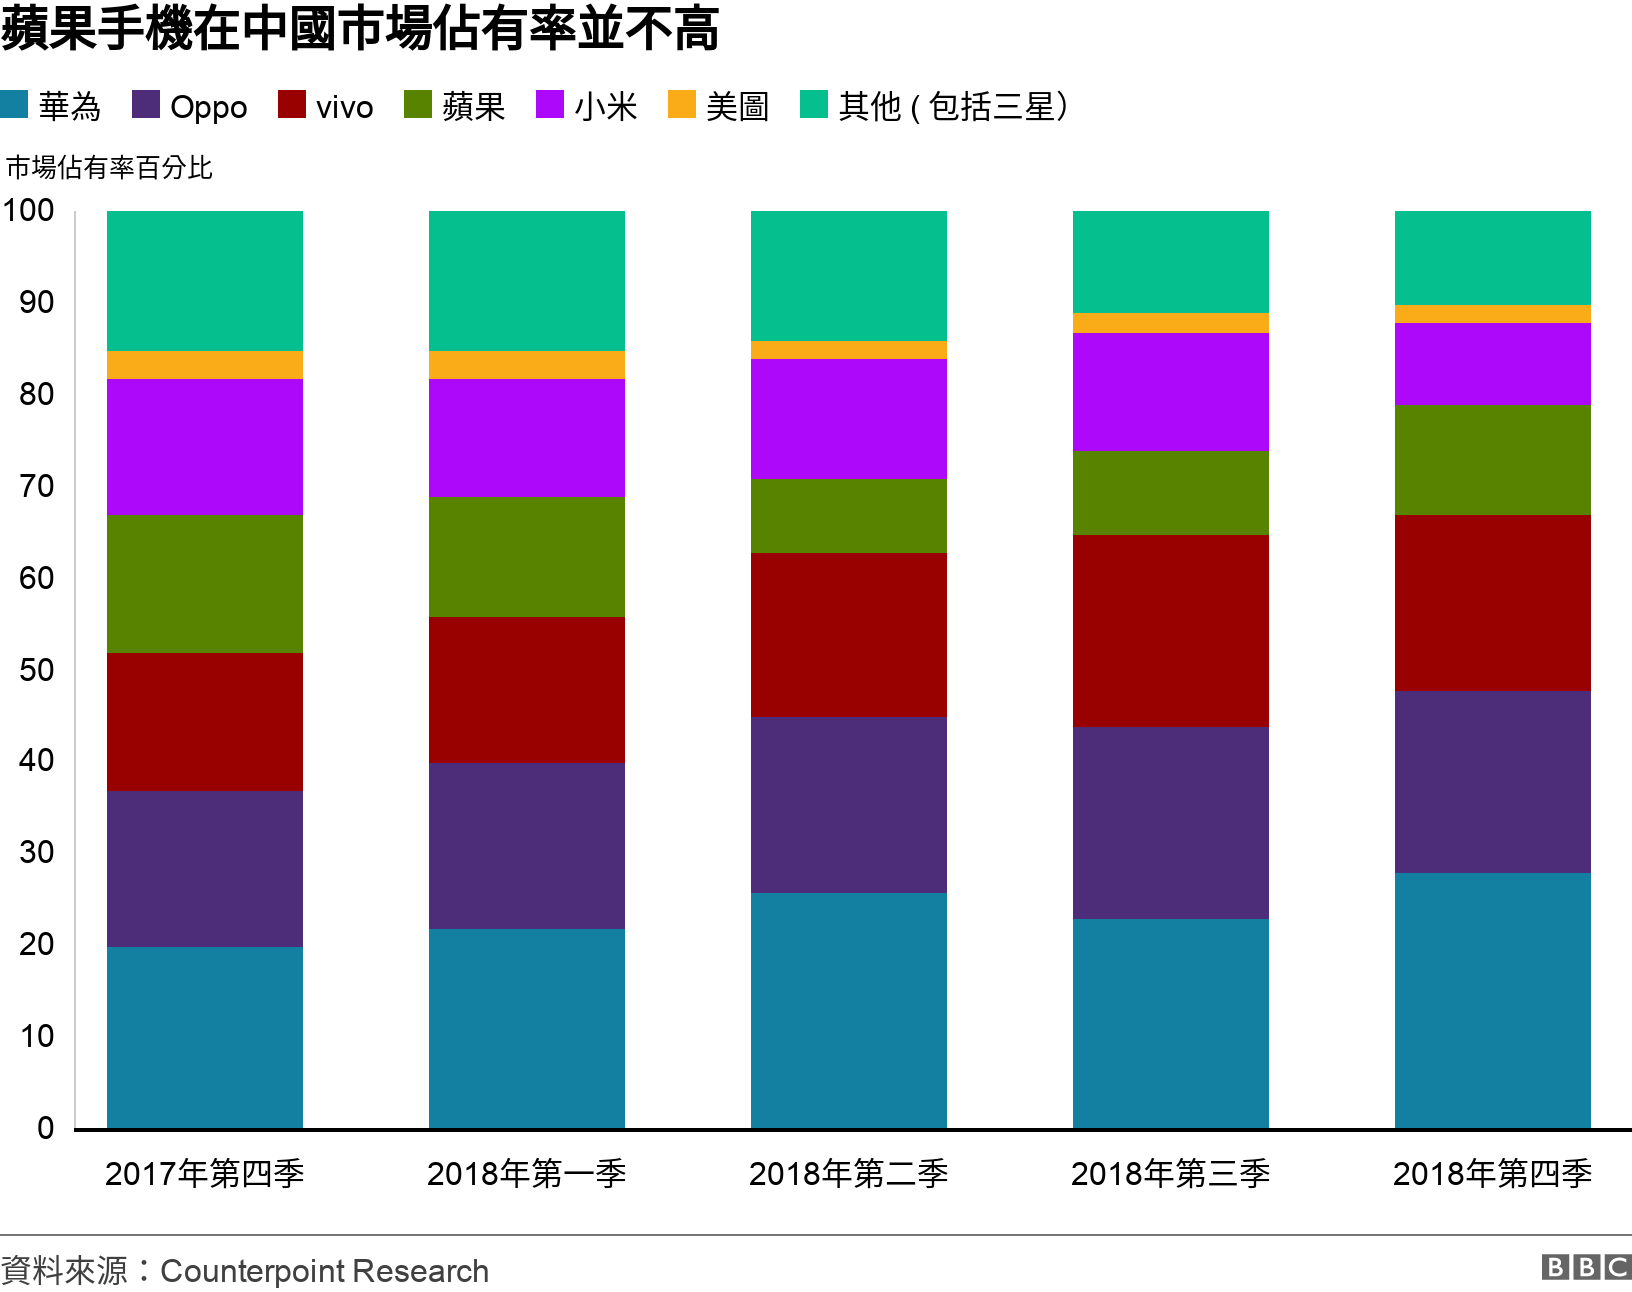 蘋果手機在中國市場佔有率並不高. . 蘋果手機在中國市場佔有並不高 .